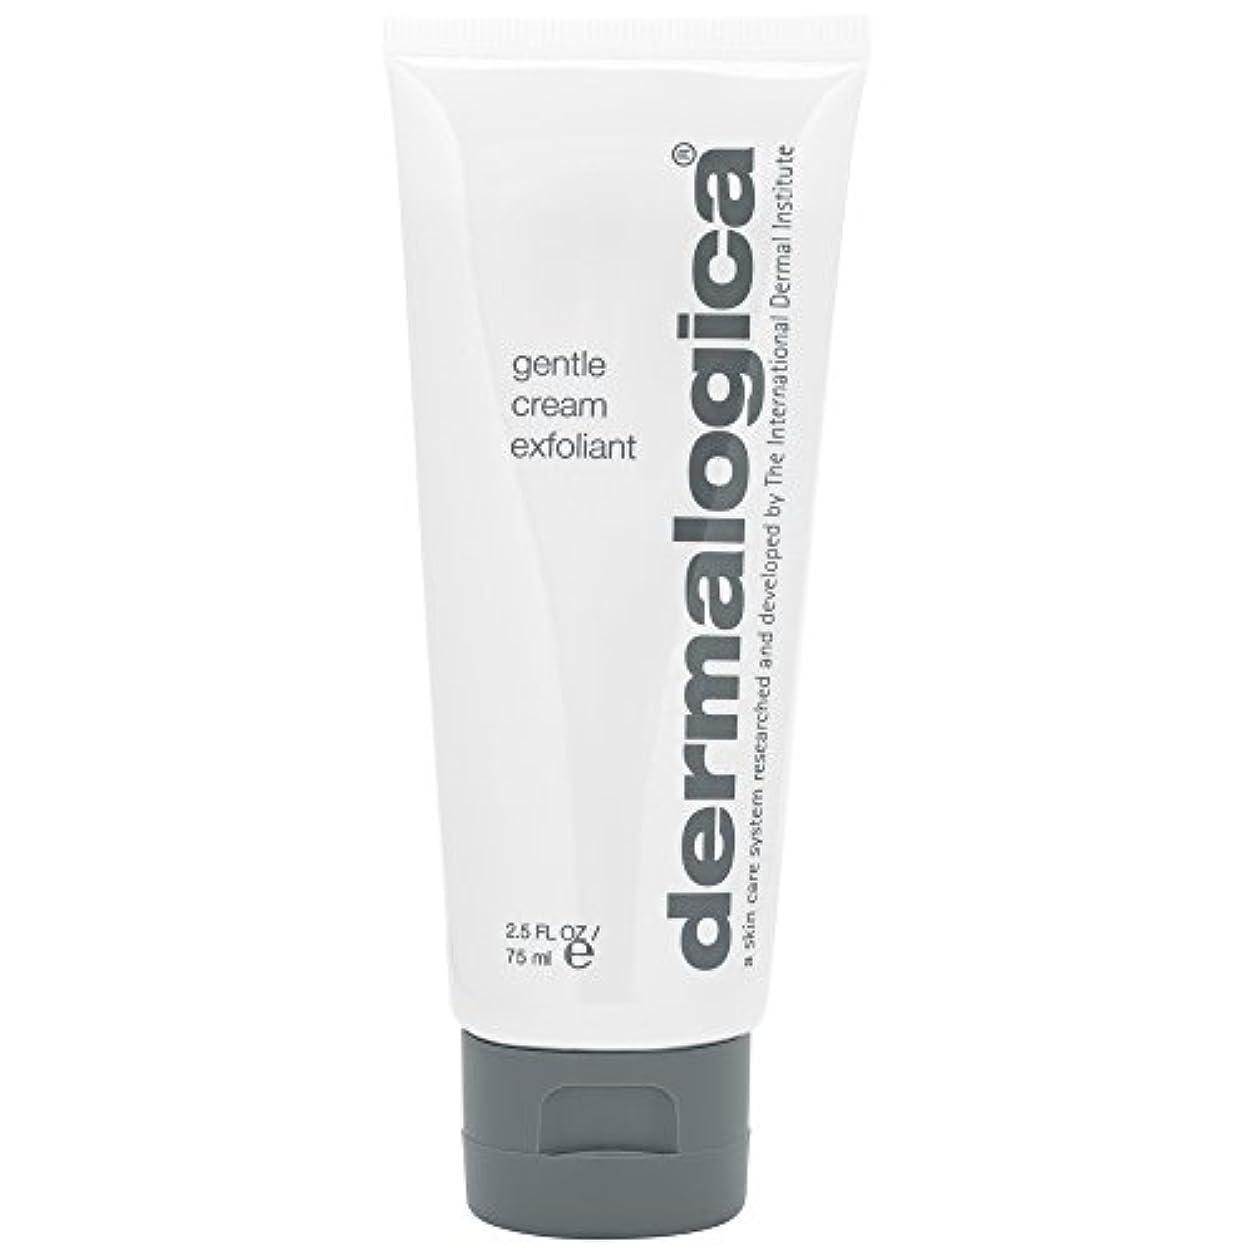 移植バンドル木材ダーマロジカ優しいクリーム剥脱75ミリリットル (Dermalogica) (x2) - Dermalogica Gentle Cream Exfoliant 75ml (Pack of 2) [並行輸入品]